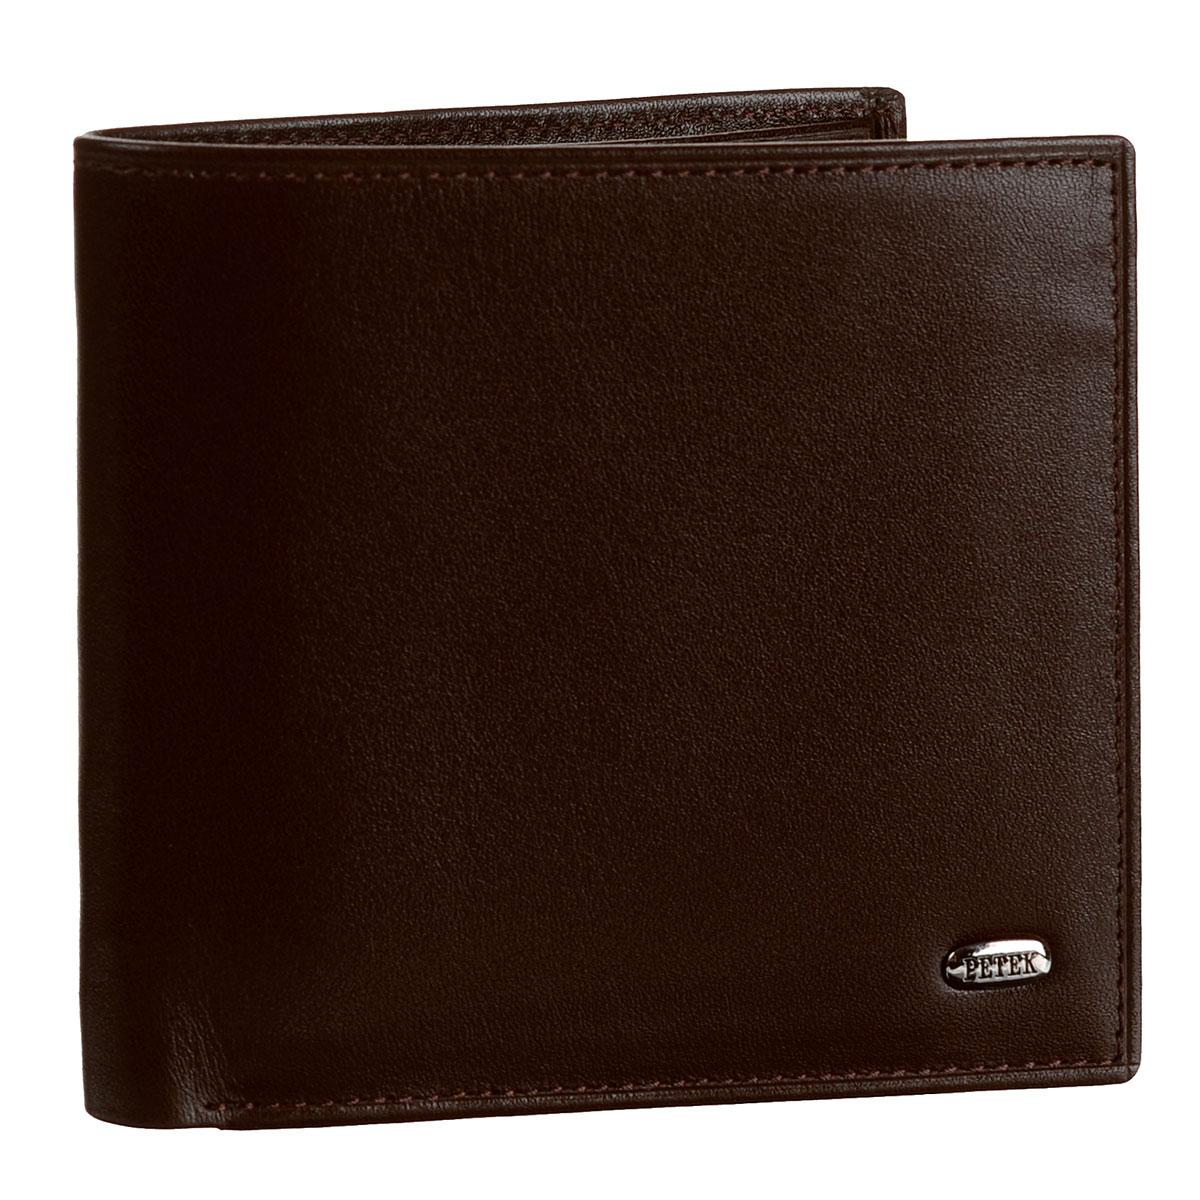 Портмоне Petek, цвет: темно-коричневый. 121.000.222121.000.222 D.BrownСтильное портмоне Petek выполнено из высококачественной натуральной кожи с гладкой поверхностью. Внутри - два отделения для купюр, пять наборных кармашков для кредитных карт или визиток и карман для мелочи на кнопке. Портмоне упаковано в коробку с логотипом брэнда. Сдержанность, продуманный дизайн, прекрасная подача стильных атрибутов образа современной мужчины не оставит равнодушным ни единого представителя сильно пола.